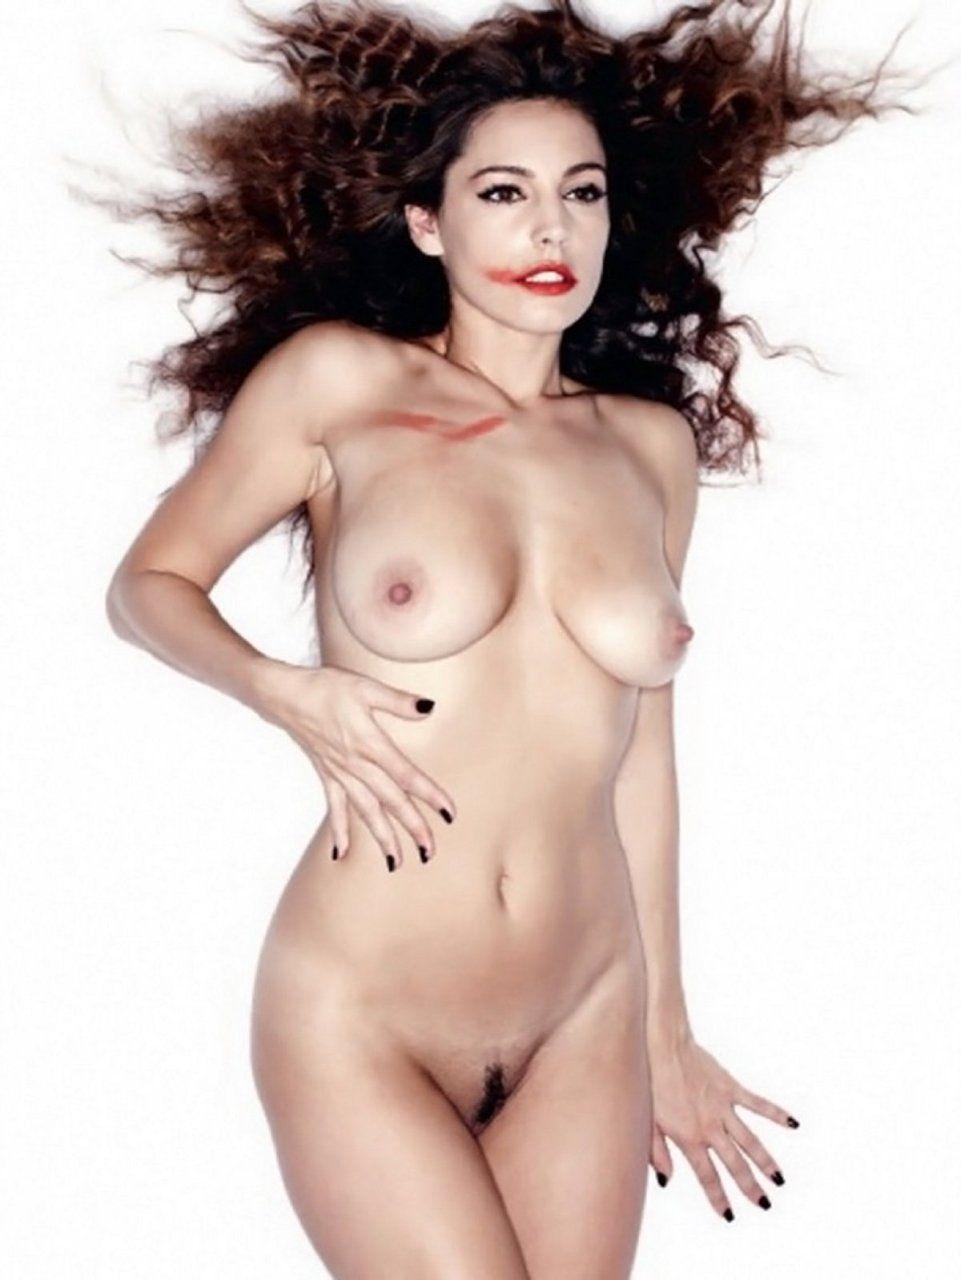 Kelly brook nude pics 1